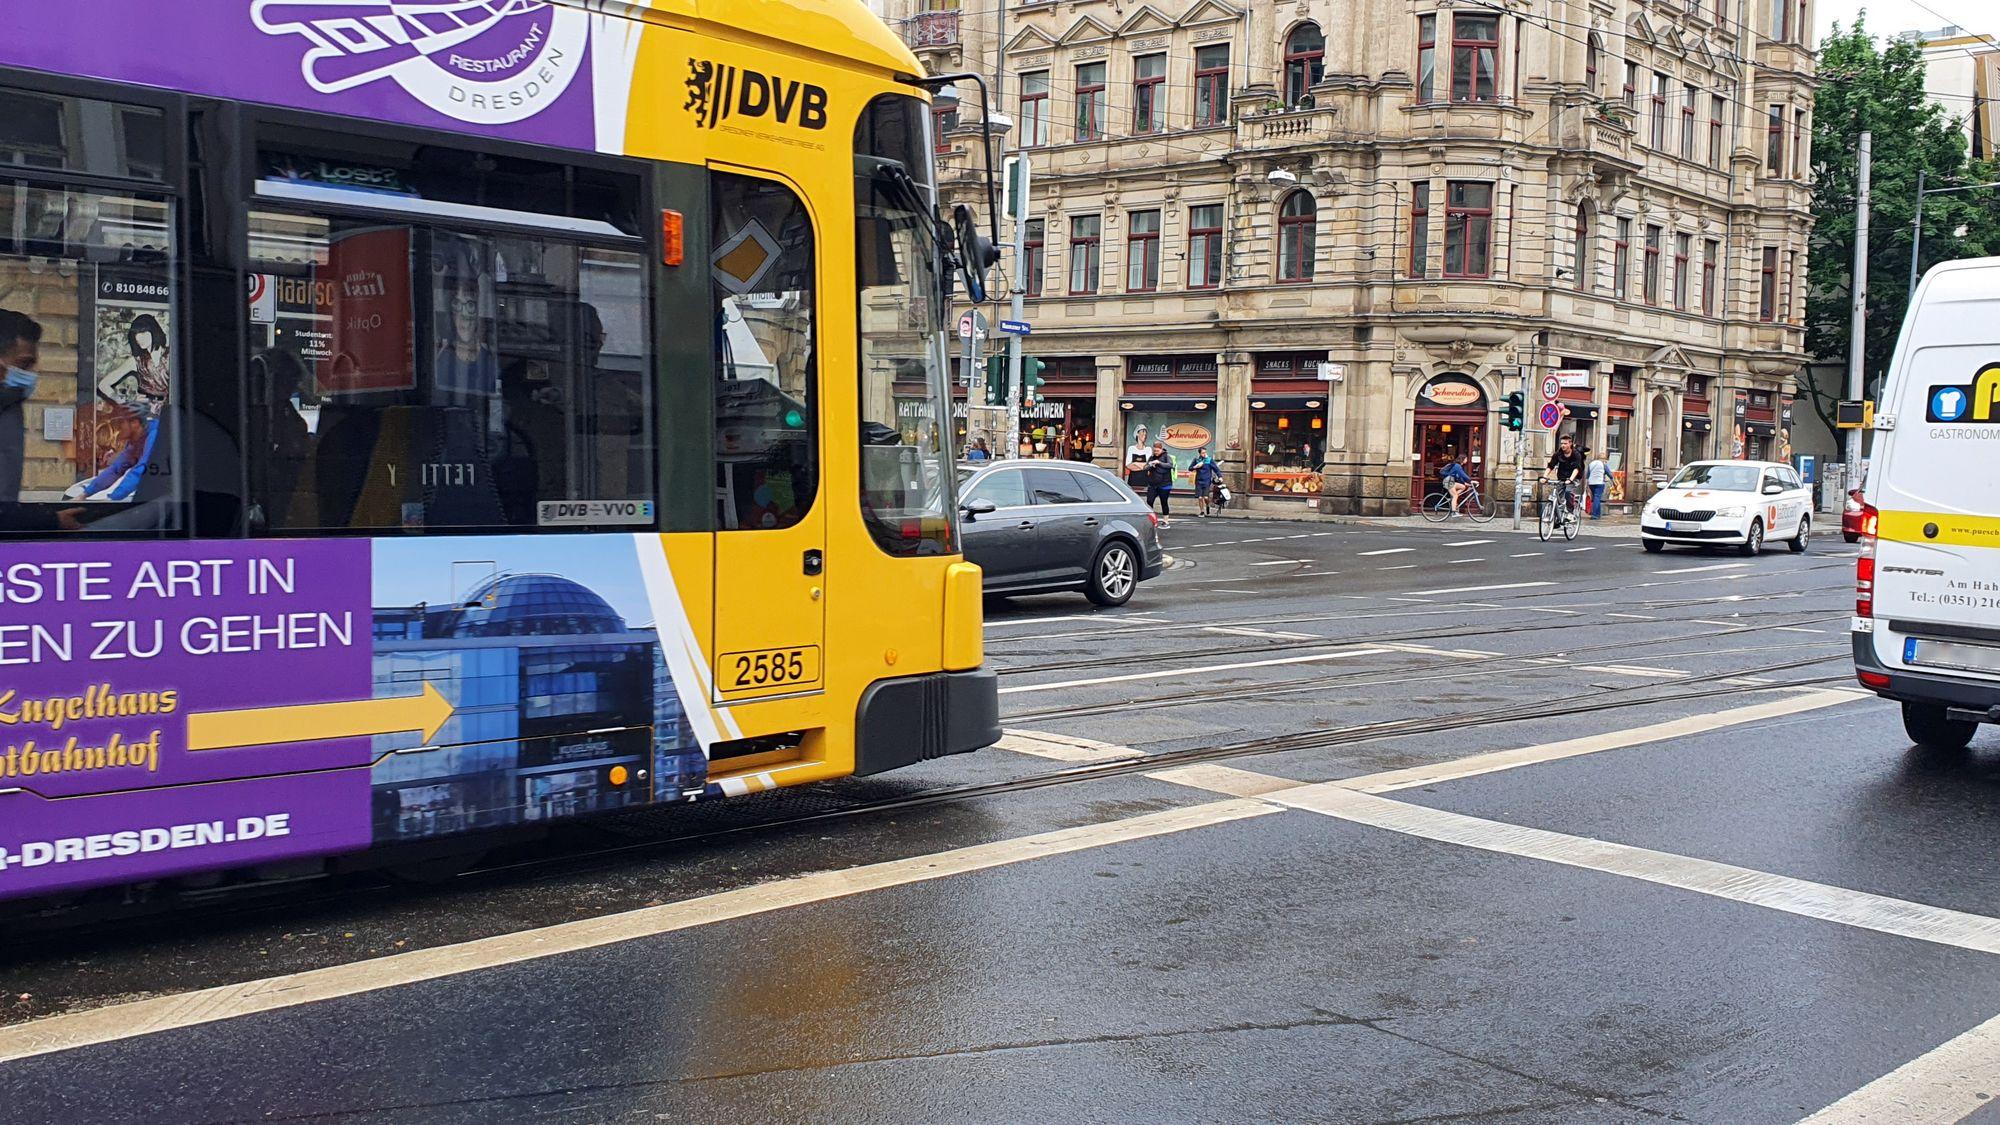 Am Sonntag von 10 bis 16 Uhr Straßenbahnumleitungen.